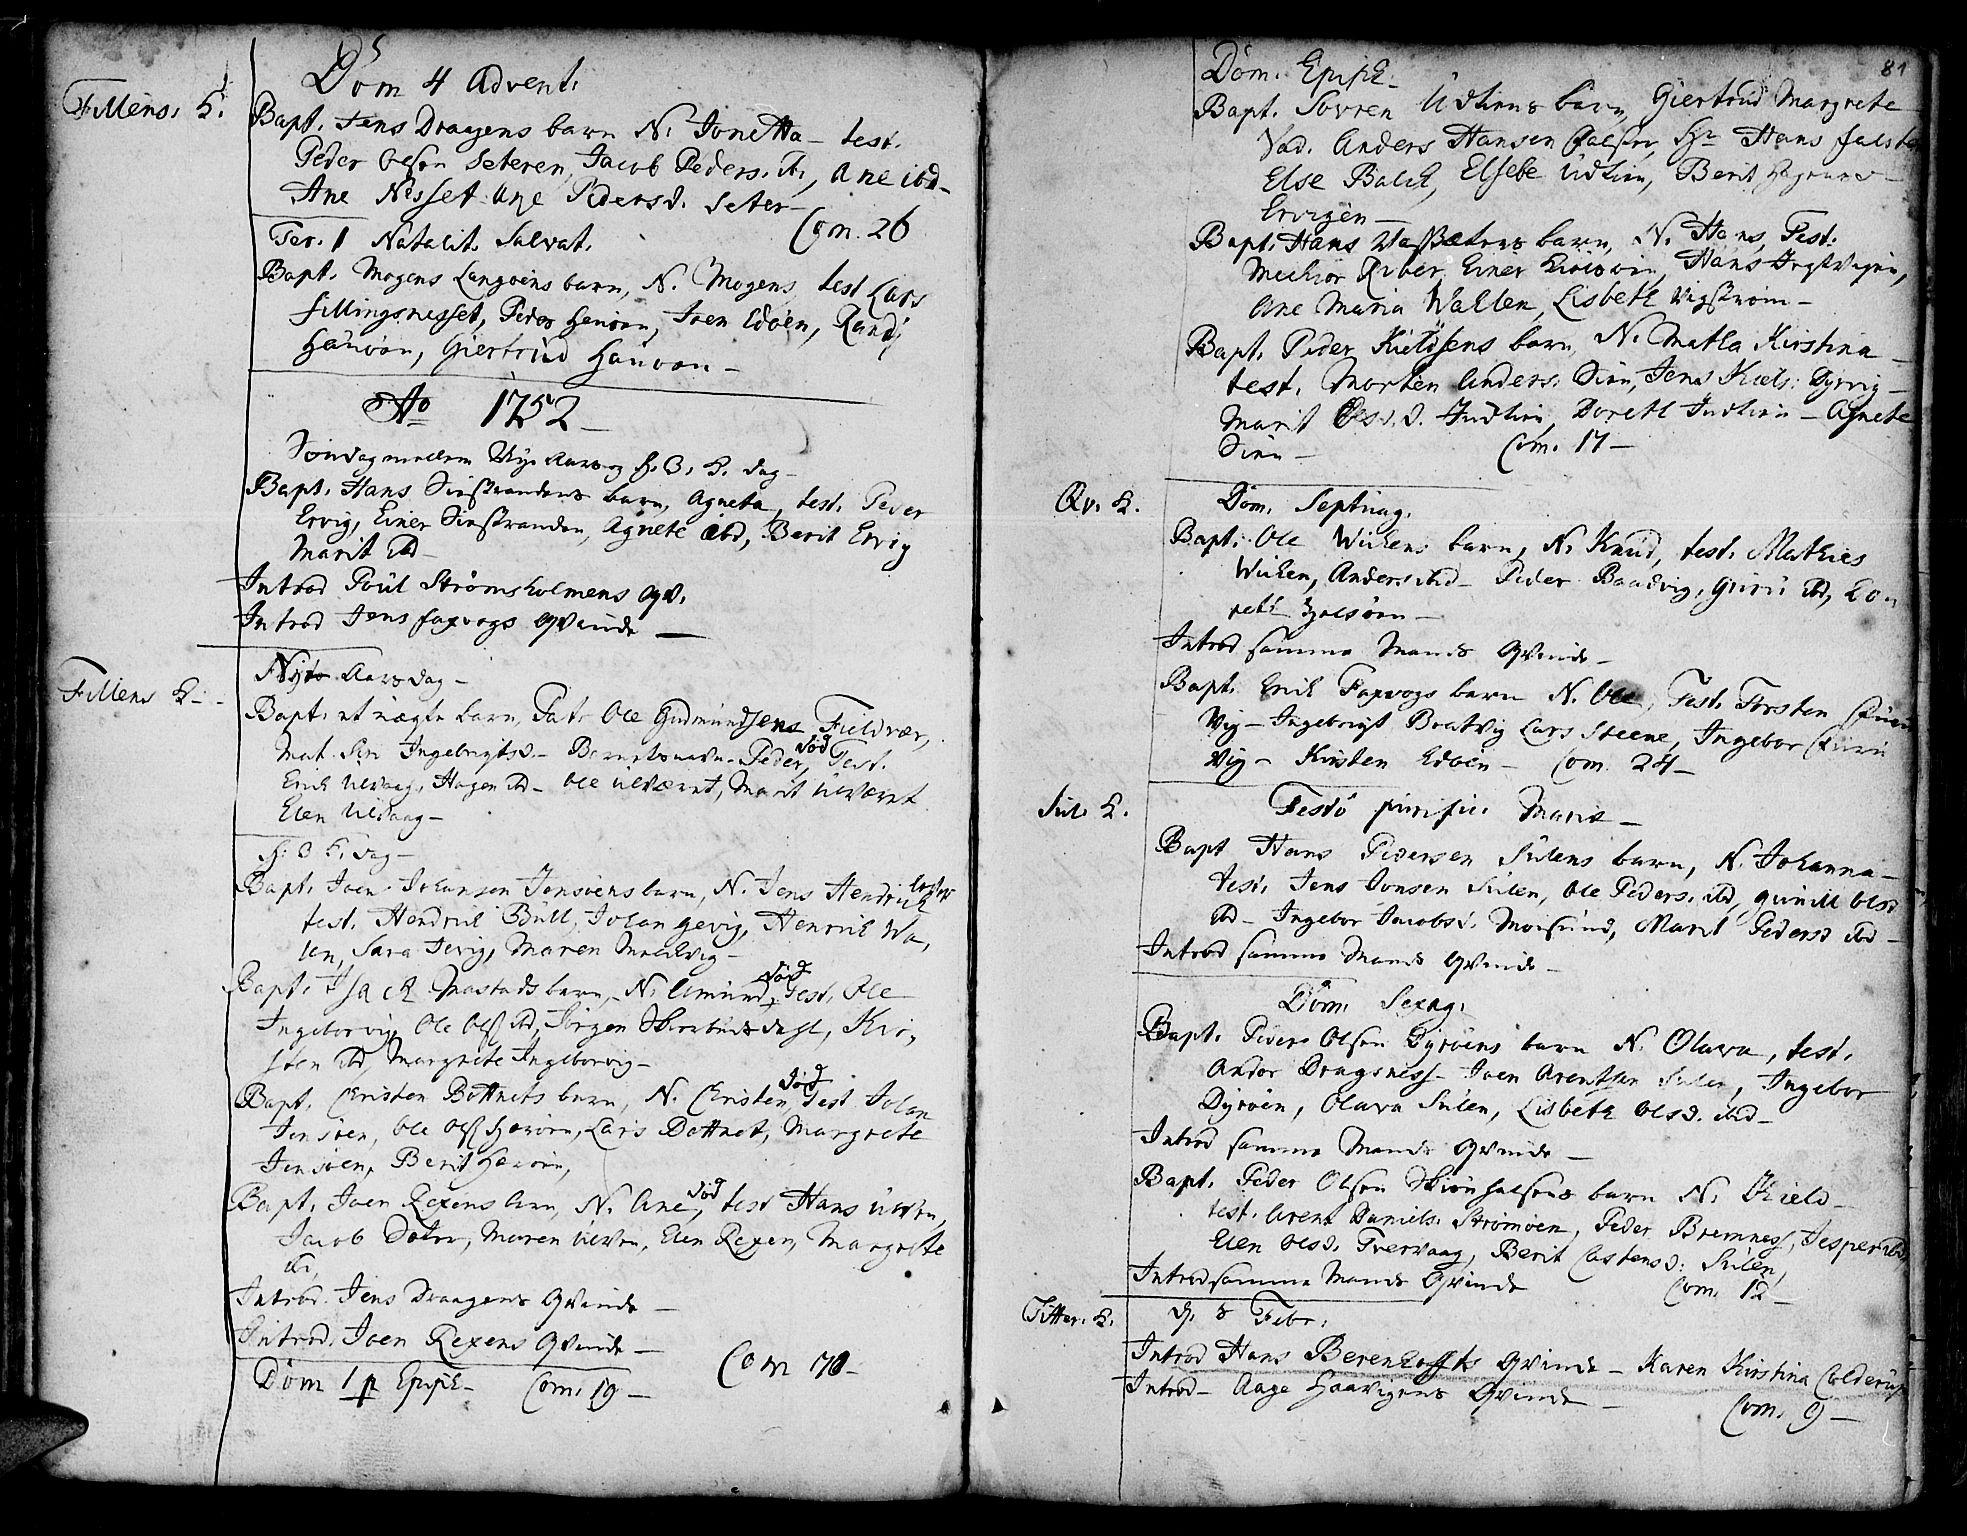 SAT, Ministerialprotokoller, klokkerbøker og fødselsregistre - Sør-Trøndelag, 634/L0525: Ministerialbok nr. 634A01, 1736-1775, s. 81